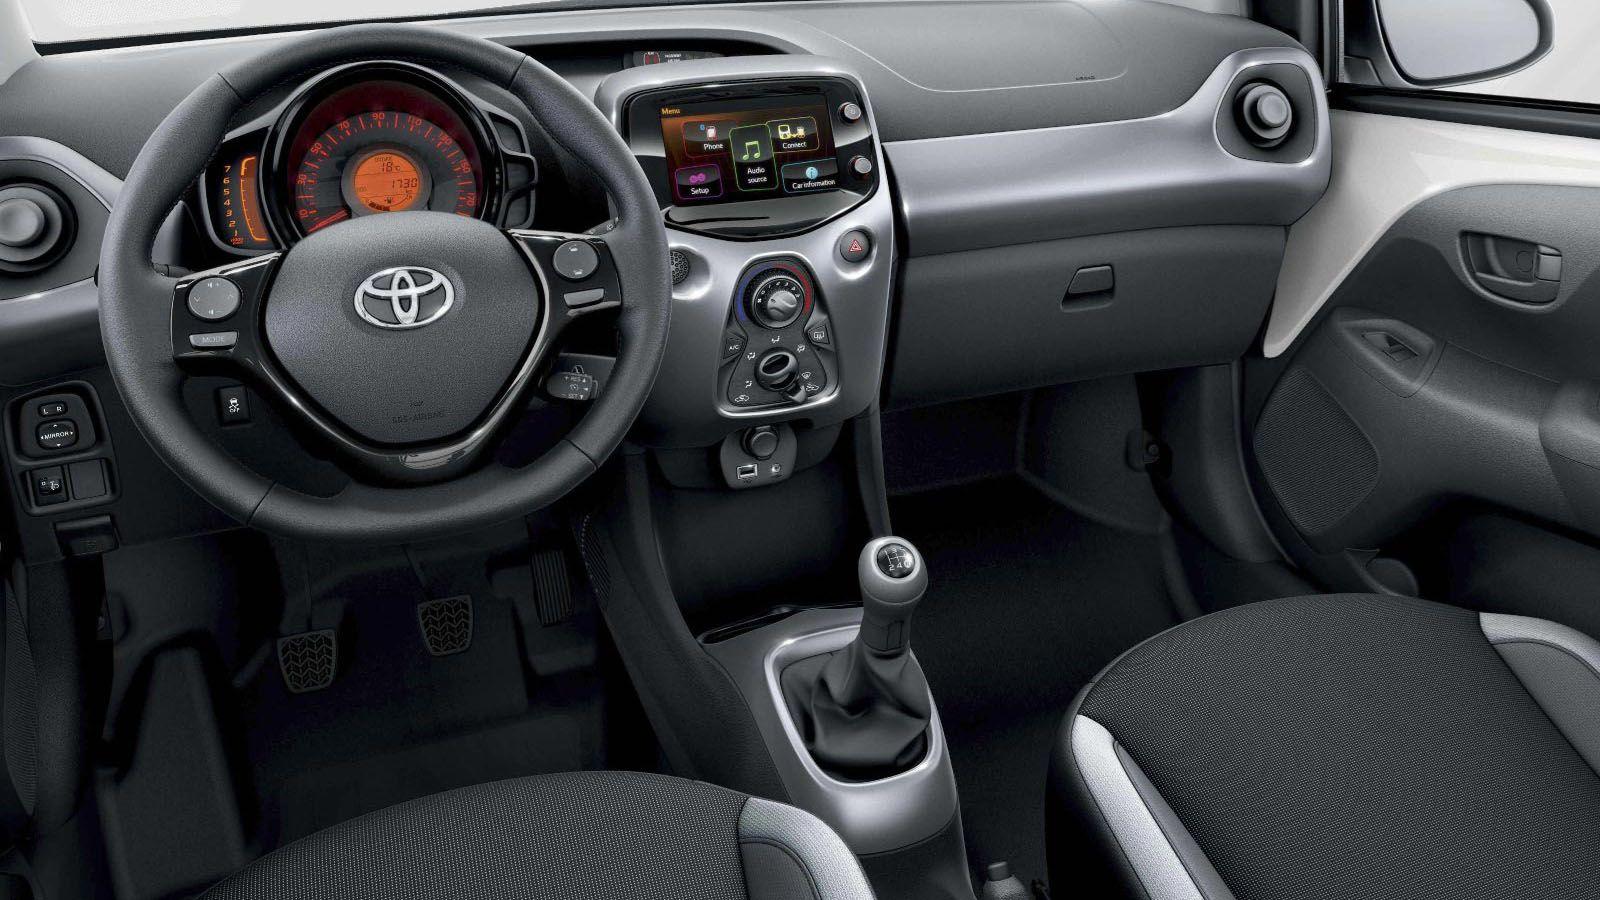 Images De Fond D U0026 39  U00e9cran De Voiture  Toyota Aygo 2007 Interior